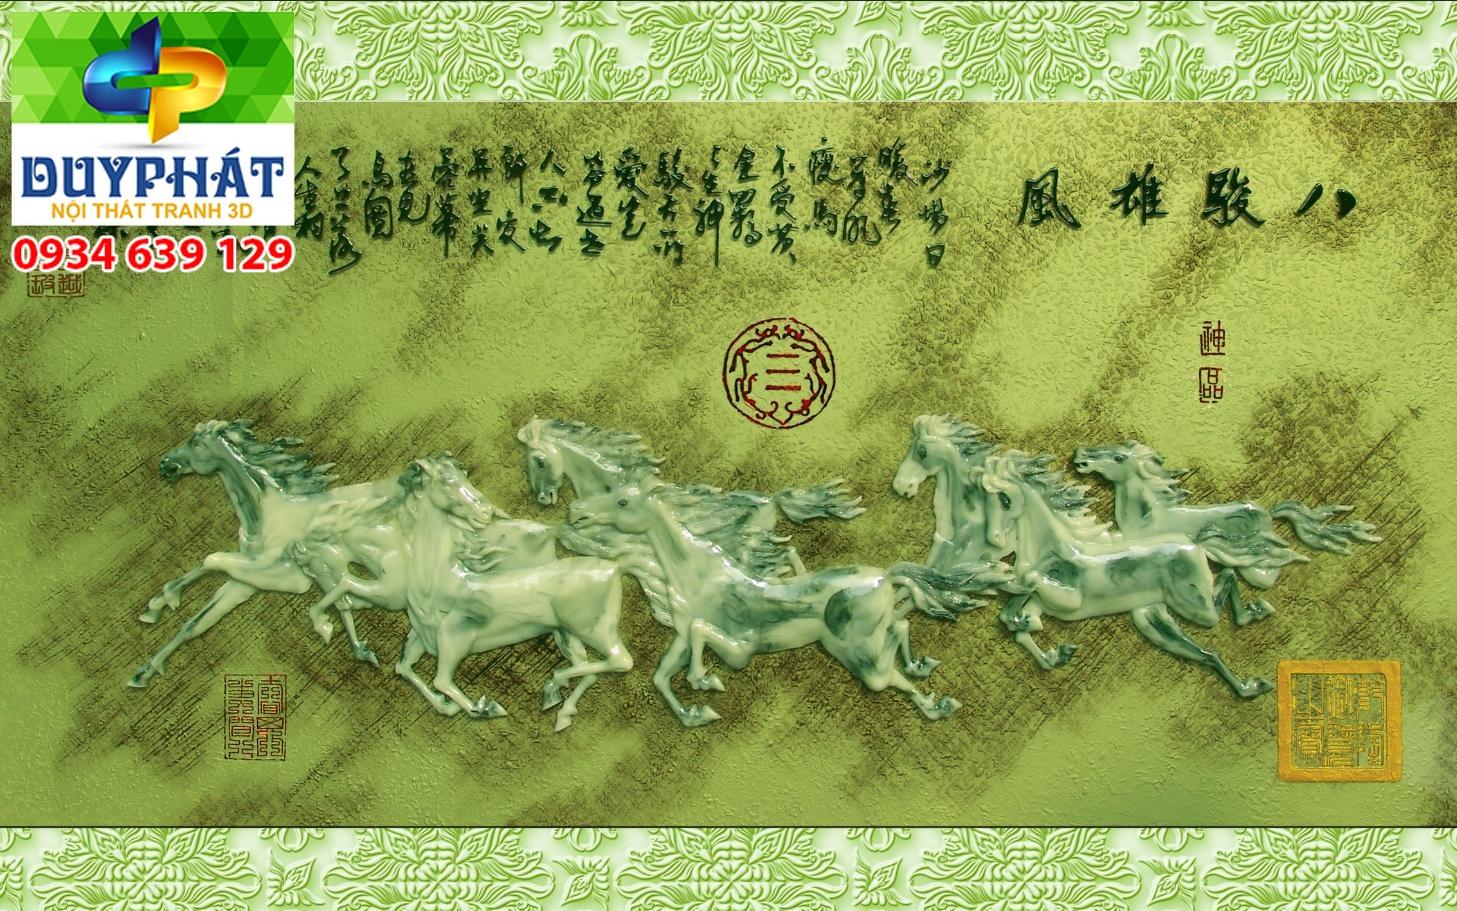 Tranh mã đáo thành công TMĐTC144 của tranh 3D Duy Phát